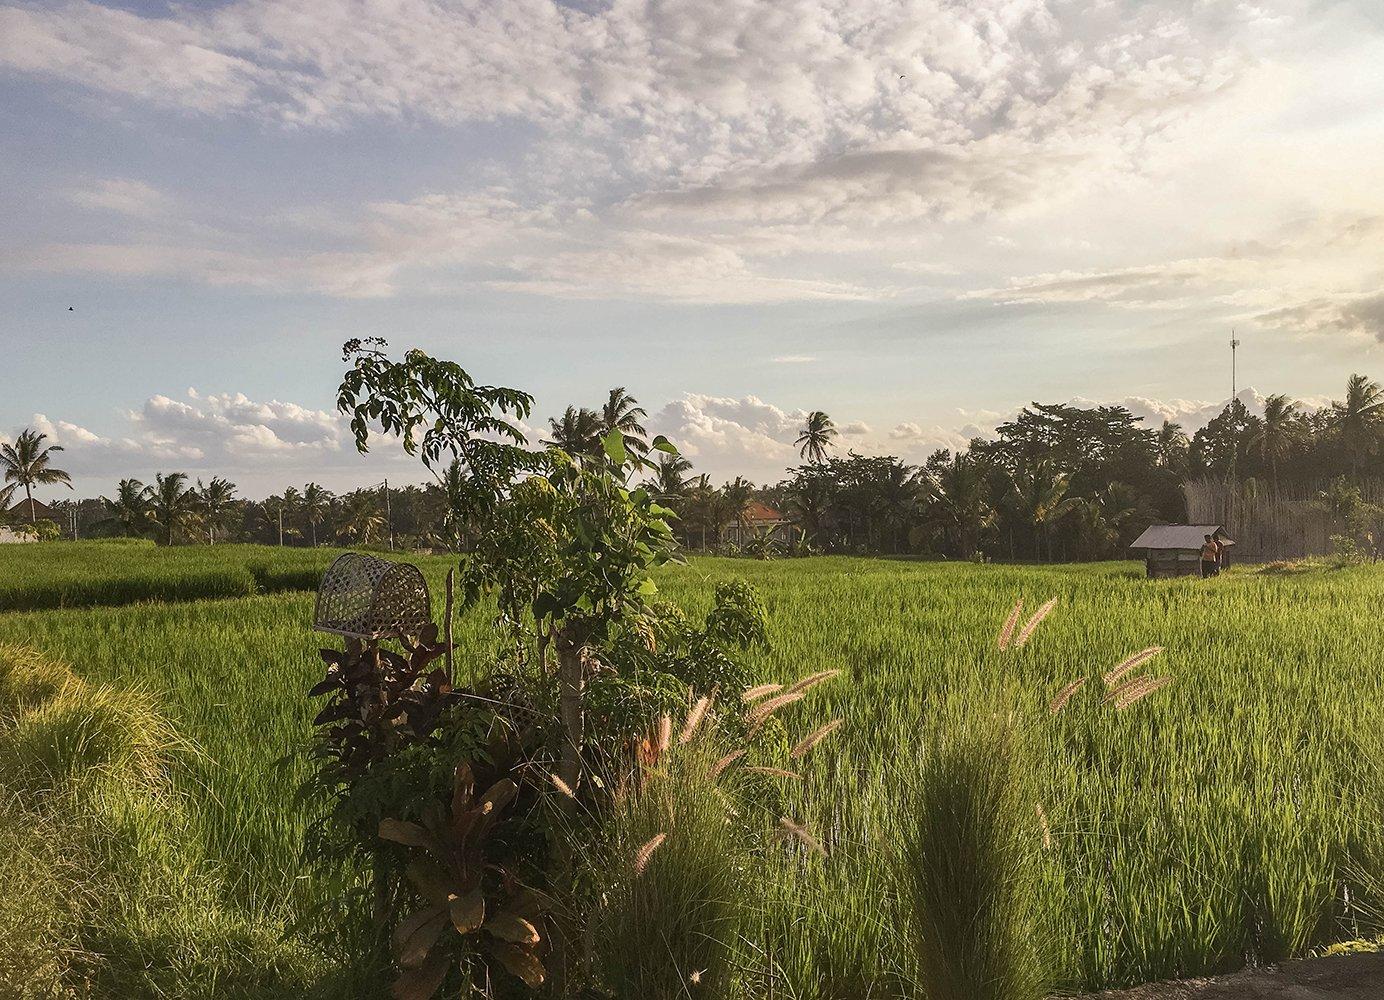 Bali rice paddies during sunset